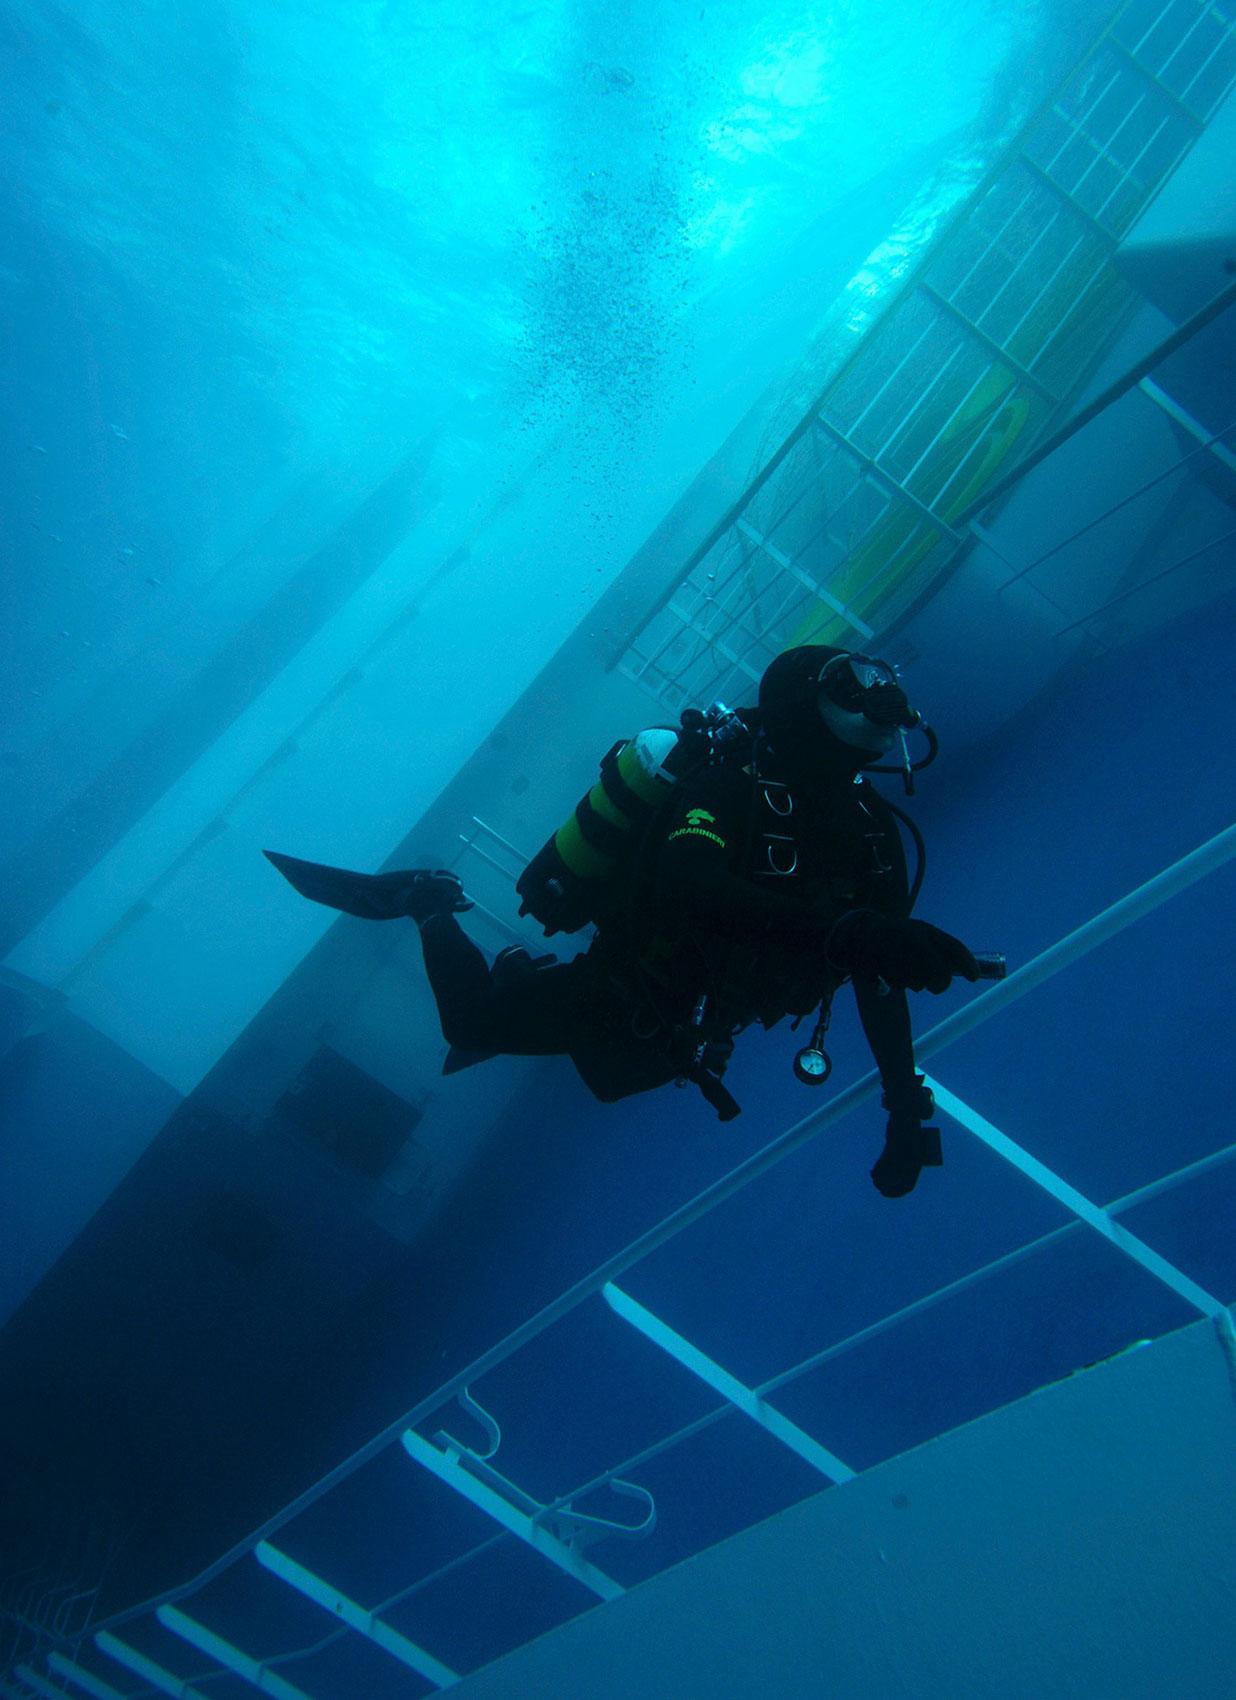 погруженное под воду пассажирское судно, фото